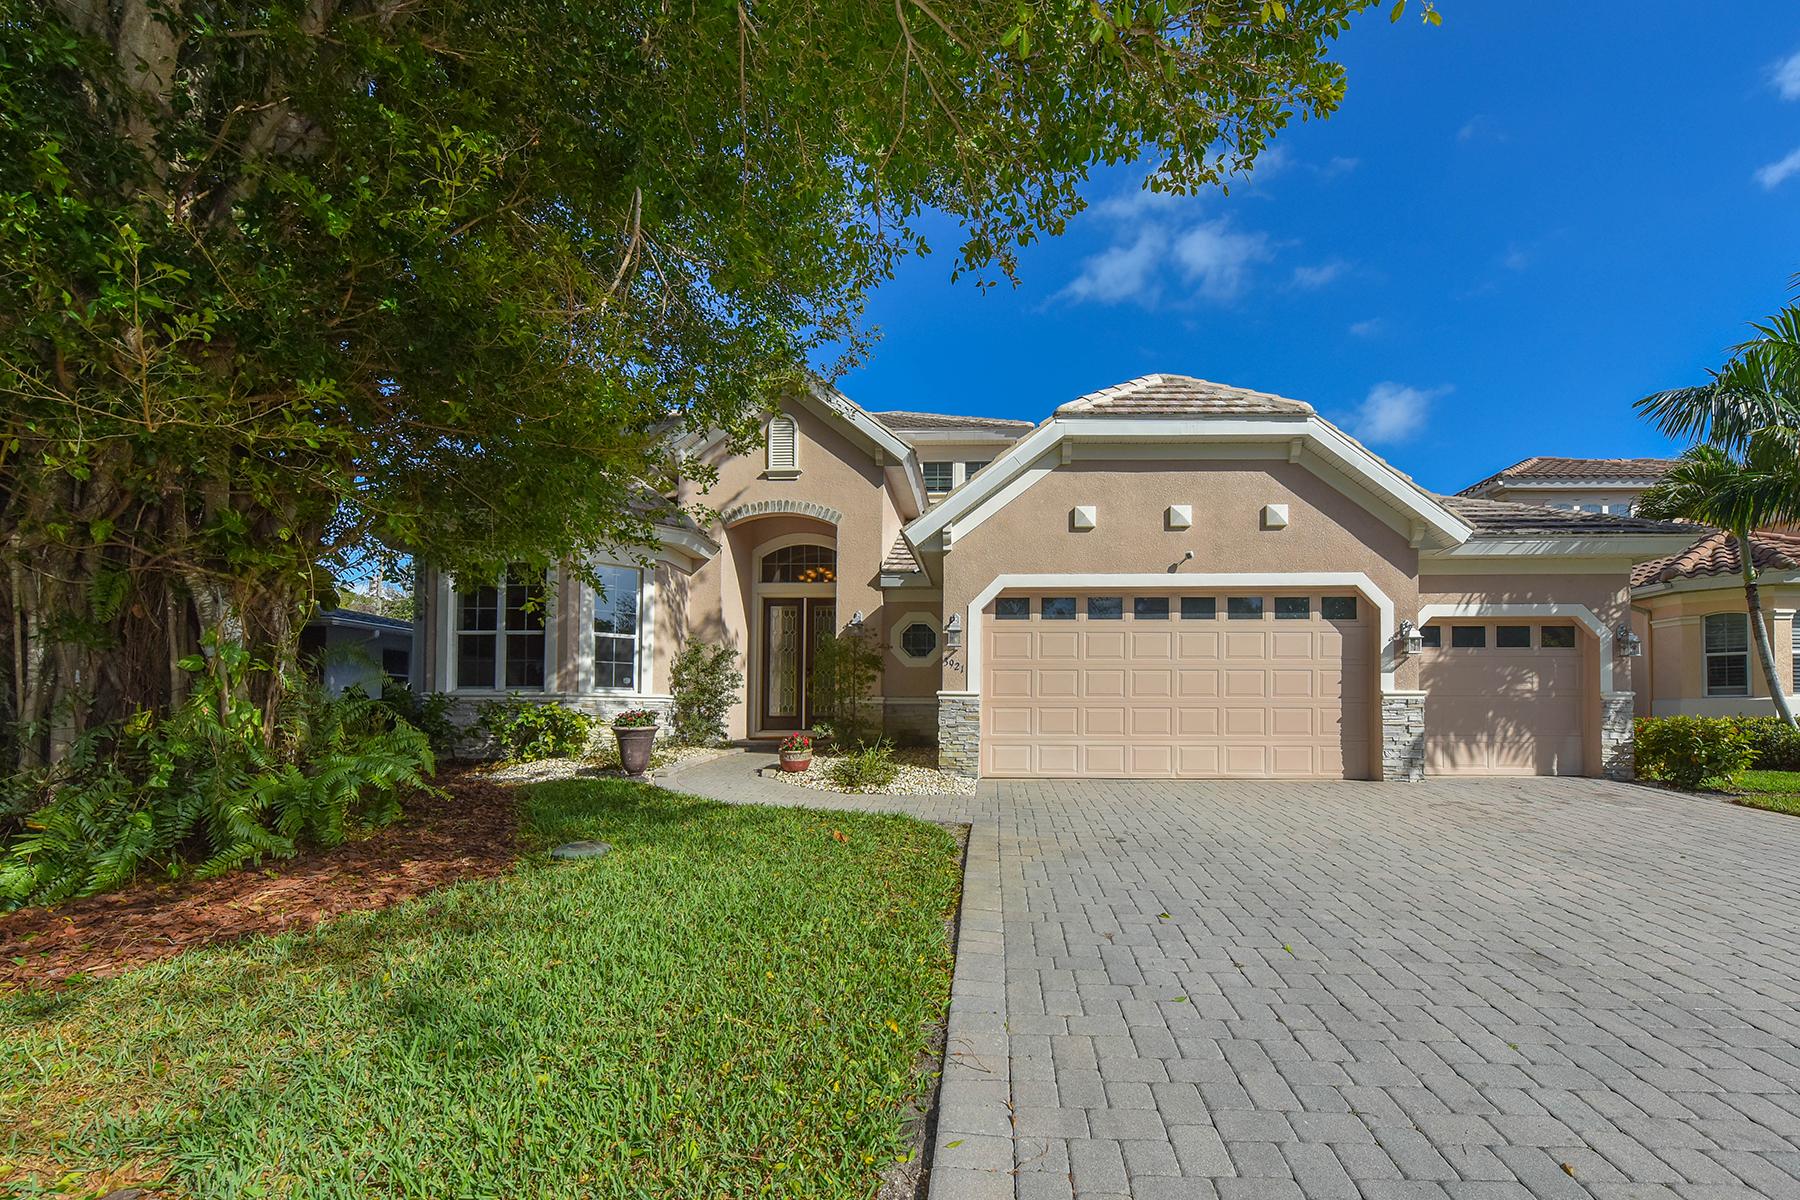 단독 가정 주택 용 매매 에 WEST OF TRAIL - MOLLER SUB 3921 Maravic Pl Sarasota, 플로리다, 34231 미국